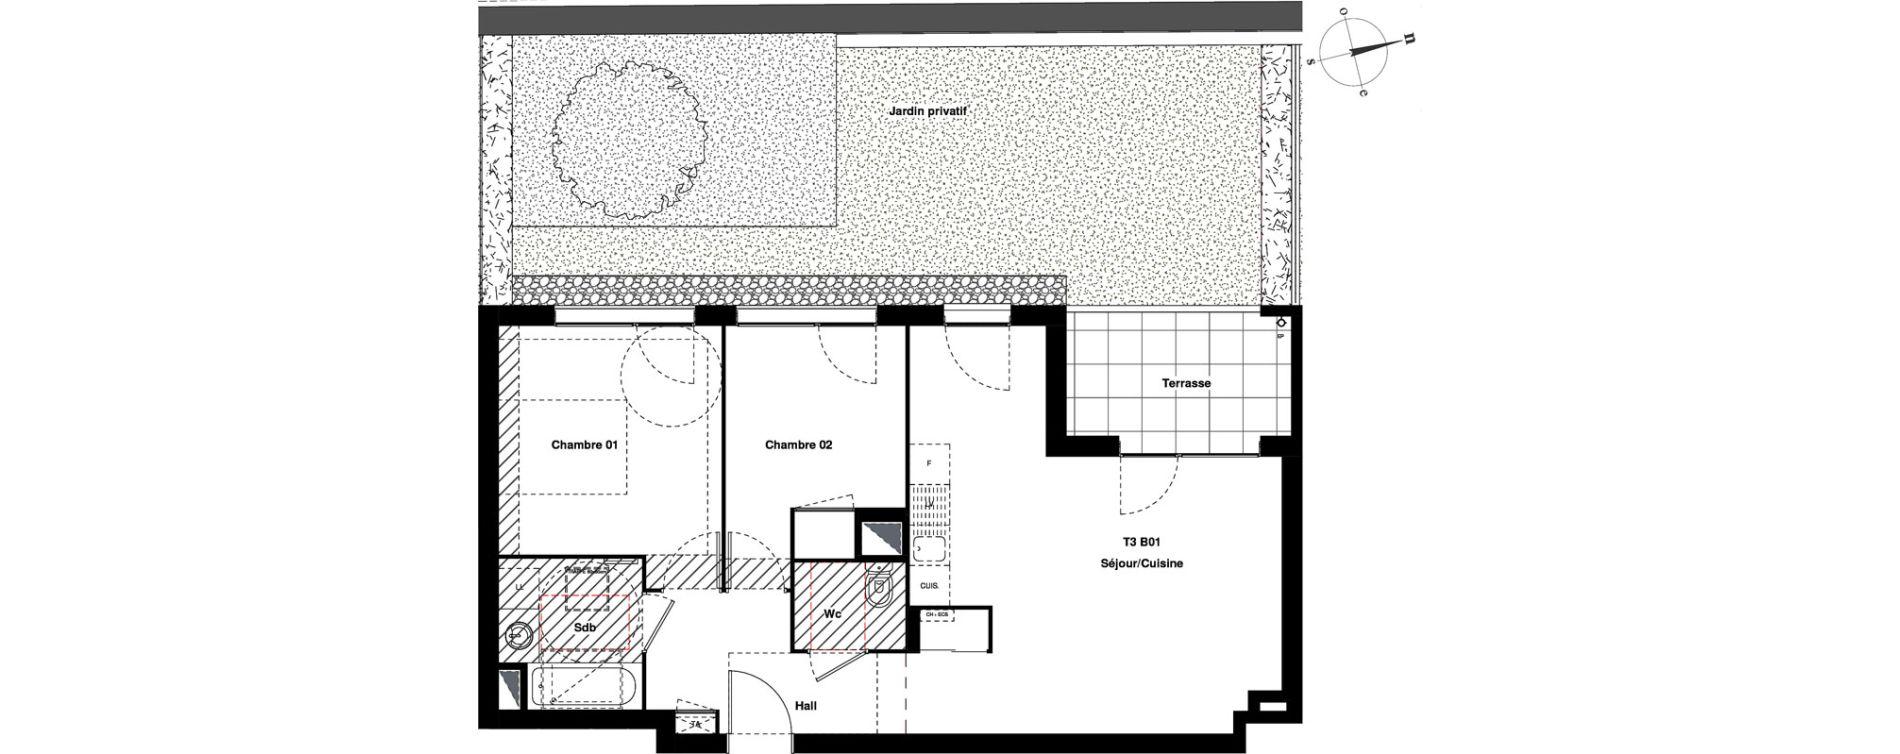 Appartement T3 de 60,03 m2 à Villeurbanne Gratte-ciel - dedieu - charmettes